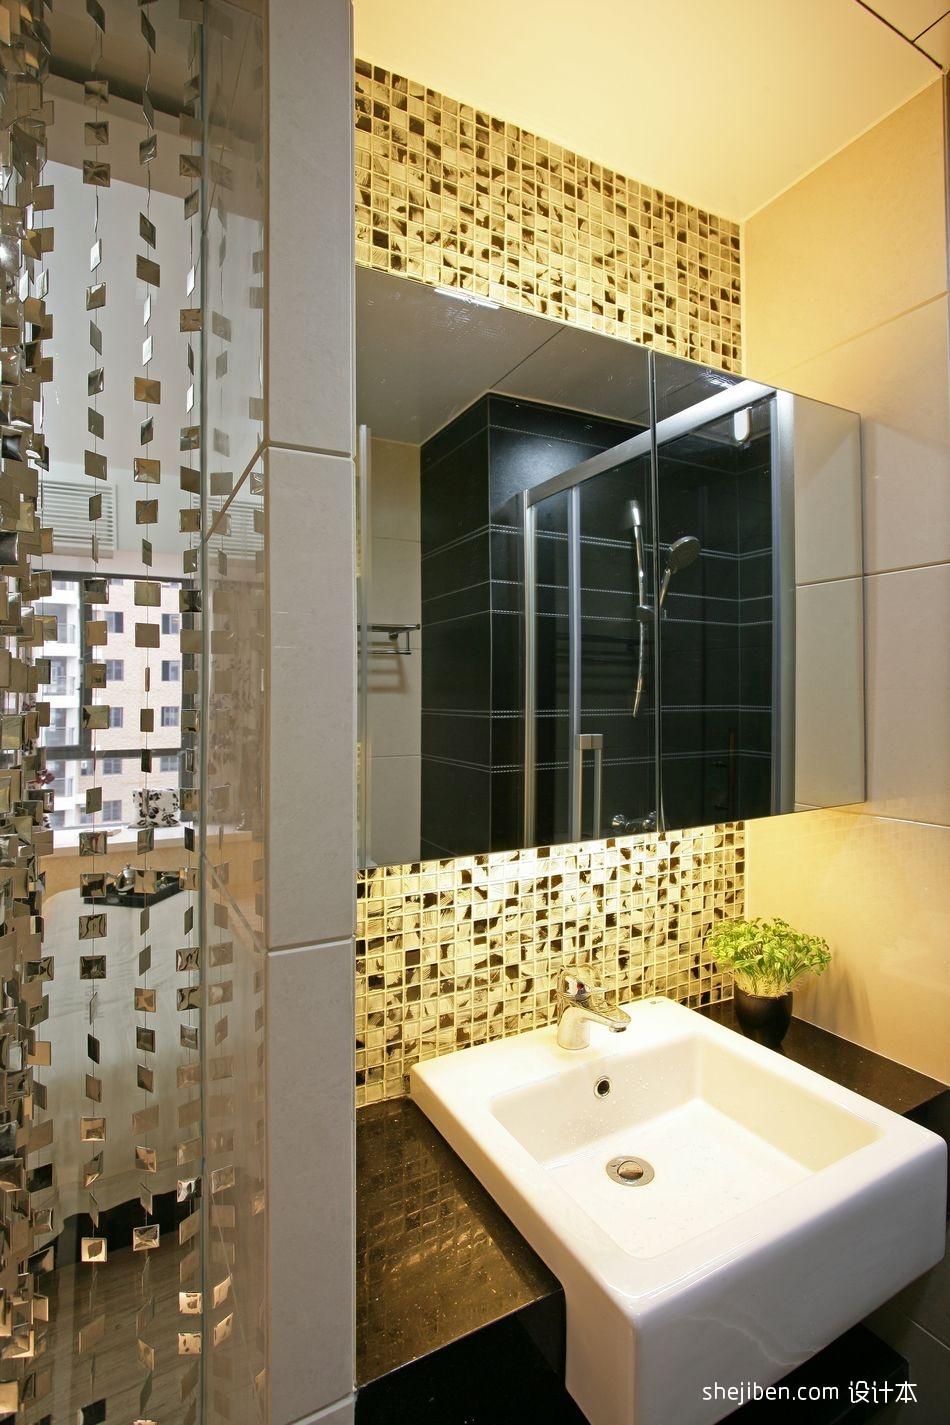 现代风格四居室两厅两卫简约家居主卫生间洗手盆镜子马赛克瓷砖墙面装修效果图片设计图片赏析